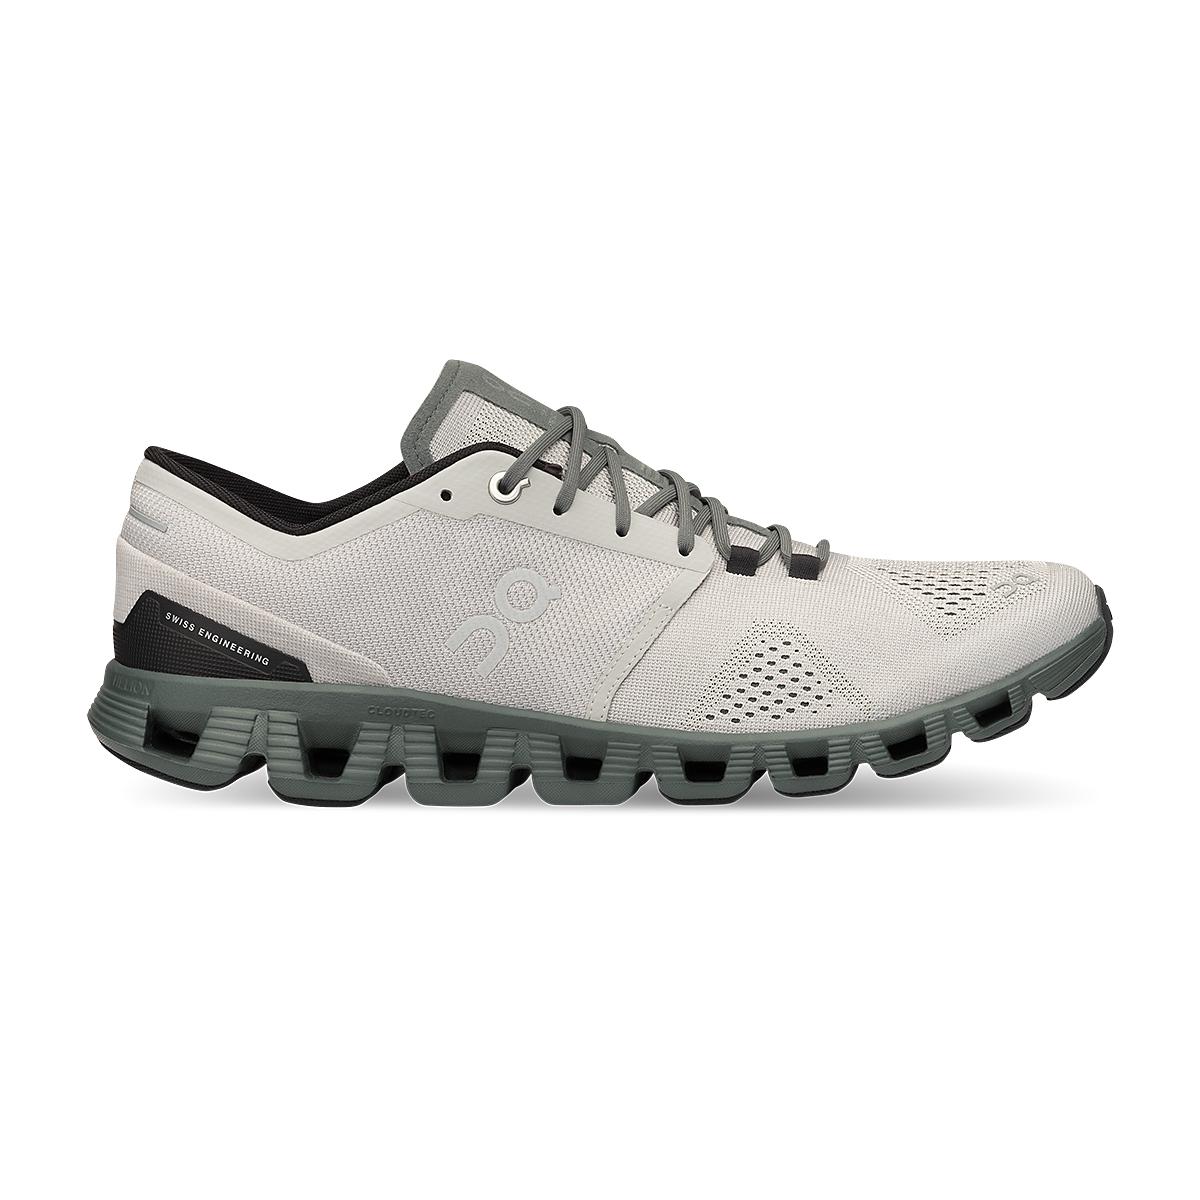 Men's On Cloud X 2.0 Running Shoe - Color: Glacier/Olive - Size: 7 - Width: Regular, Glacier/Olive, large, image 1